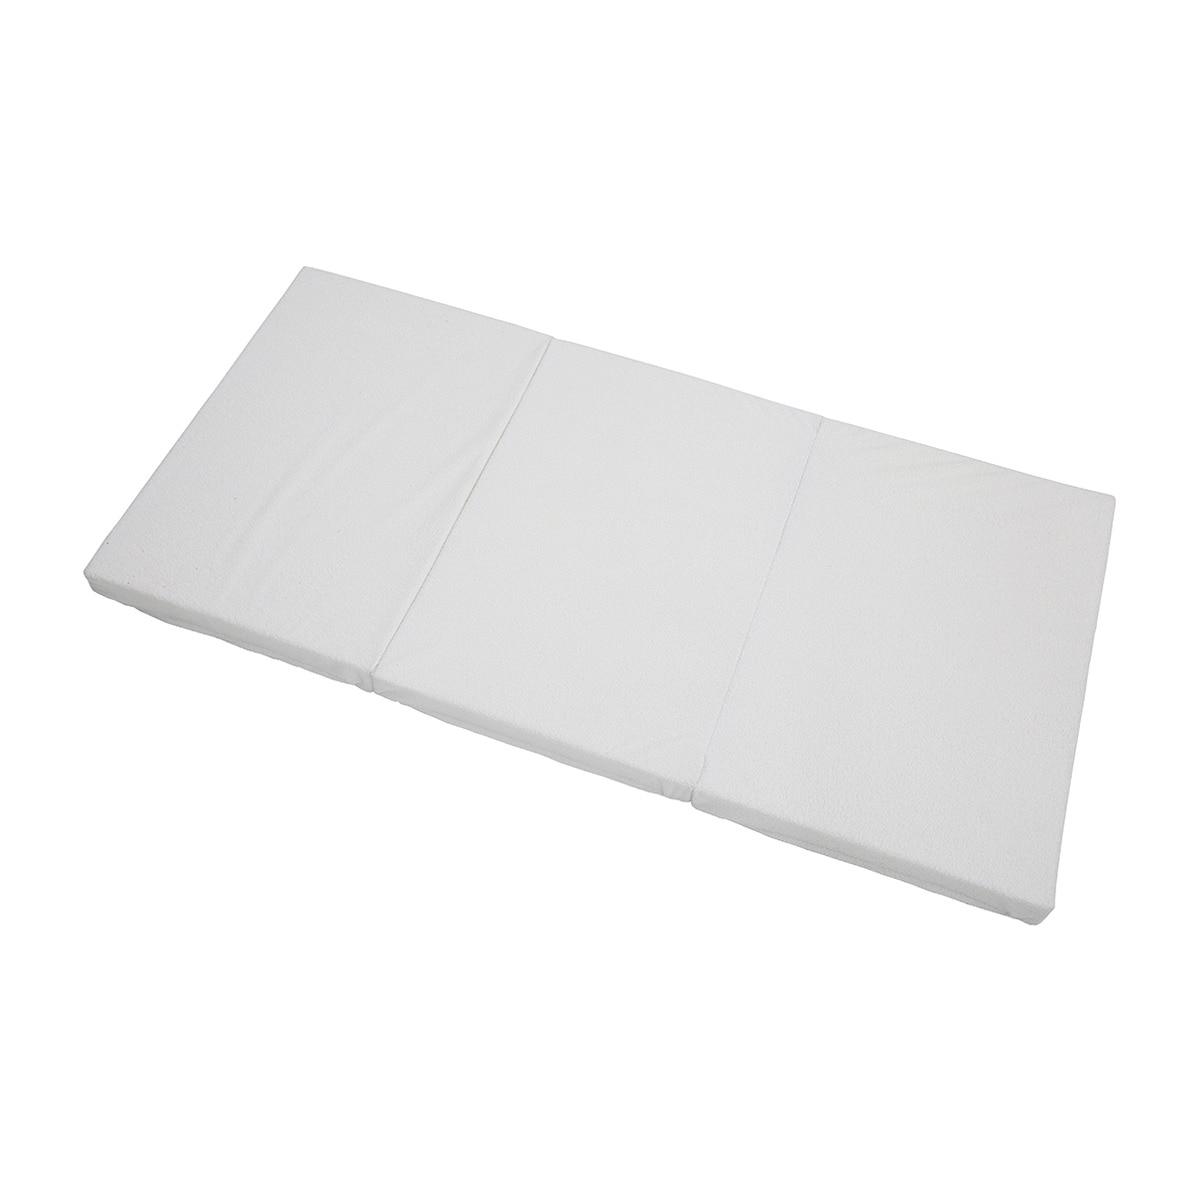 Matelas pliable bbest pour lit parapluie (60 x 120 cm)